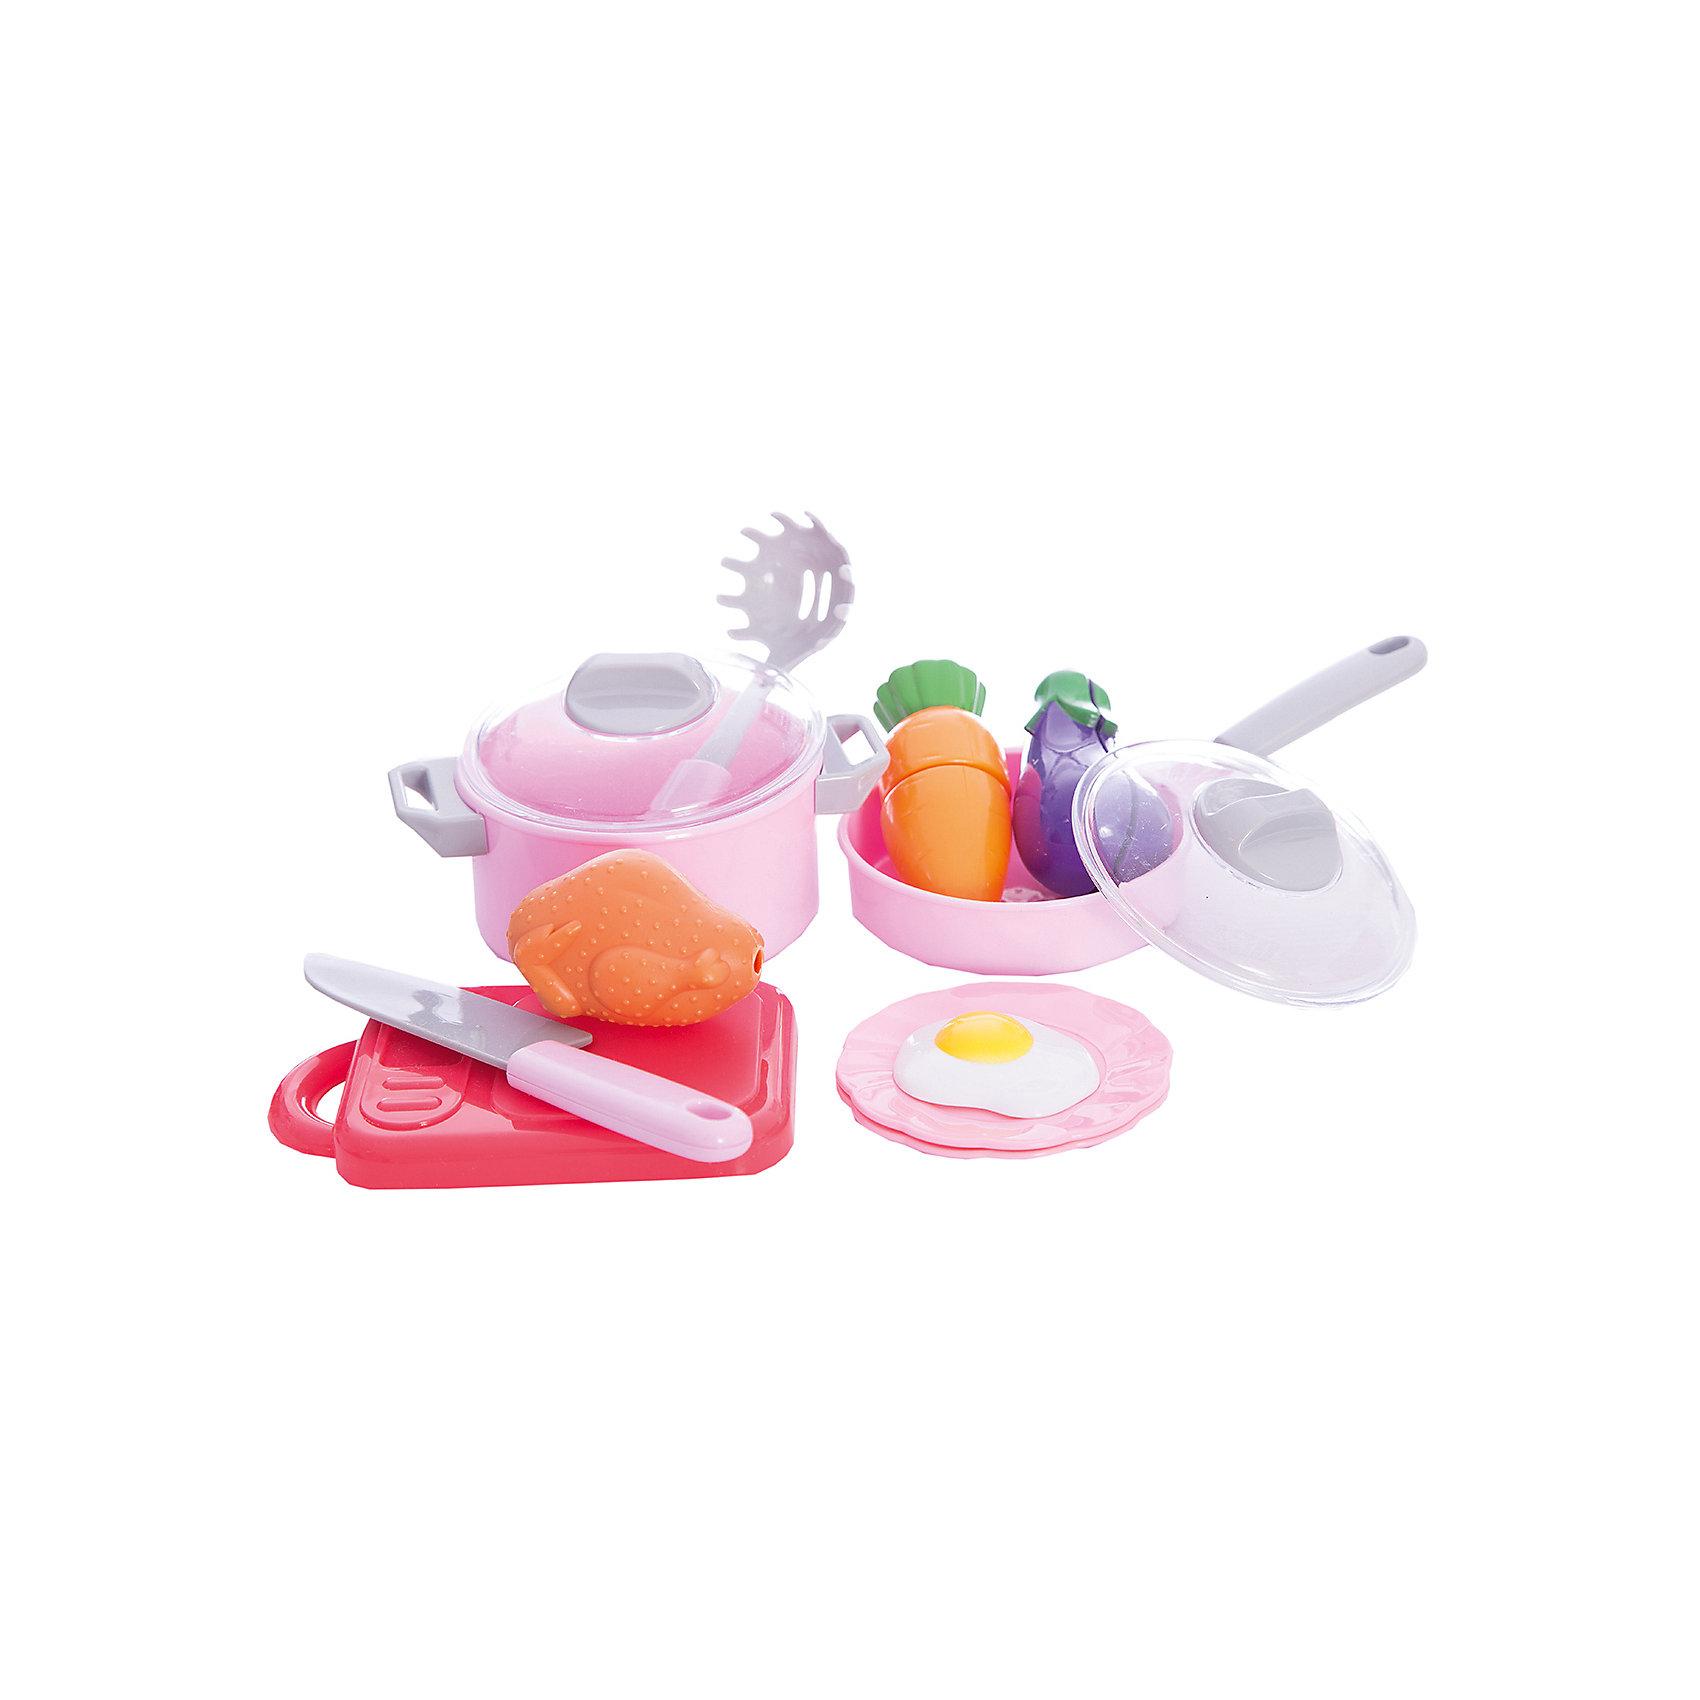 Набор посуды для готовки в сетке, 12 предметов, Mary PoppinsПосуда и аксессуары для детской кухни<br>Набор посуды для готовки в сетке, 12 предметов, Mary Poppins.<br><br>Характеристики:<br><br>• Комплектация: разделочная доска, нож, сковорода с крышкой, кастрюля с крышкой, 2 части моркови, 2 части баклажана, курица, яичница, ложка для спагетти, 2 тарелки<br>• Материал: пластмасса<br>• Упаковка: сетка<br><br>Игровой набор для готовки от компании Mary Poppins состоит из игрушечной посуды и игрушечных продуктов. Овощи (баклажан и морковь) мальчики и девочки смогут разрезать на две части, используя пластмассовый ножик. А используя кастрюлю, сковородку и муляжи продуктов (курицу и яичницу), приготовить разнообразные воображаемые блюда. Набор для готовки станет прекрасным дополнением детской кухни или другой кухонной посуды вашего ребенка. Играя с набором, ваш малыш разовьет воображение и получит начальные навыки работы с ножом. Все элементы набора изготовлены из качественной гипоаллергенной пластмассы.<br><br>Набор посуды для готовки в сетке, 12 предметов, Mary Poppins можно купить в нашем интернет-магазине.<br><br>Ширина мм: 200<br>Глубина мм: 80<br>Высота мм: 150<br>Вес г: 238<br>Возраст от месяцев: 24<br>Возраст до месяцев: 2147483647<br>Пол: Женский<br>Возраст: Детский<br>SKU: 5402763